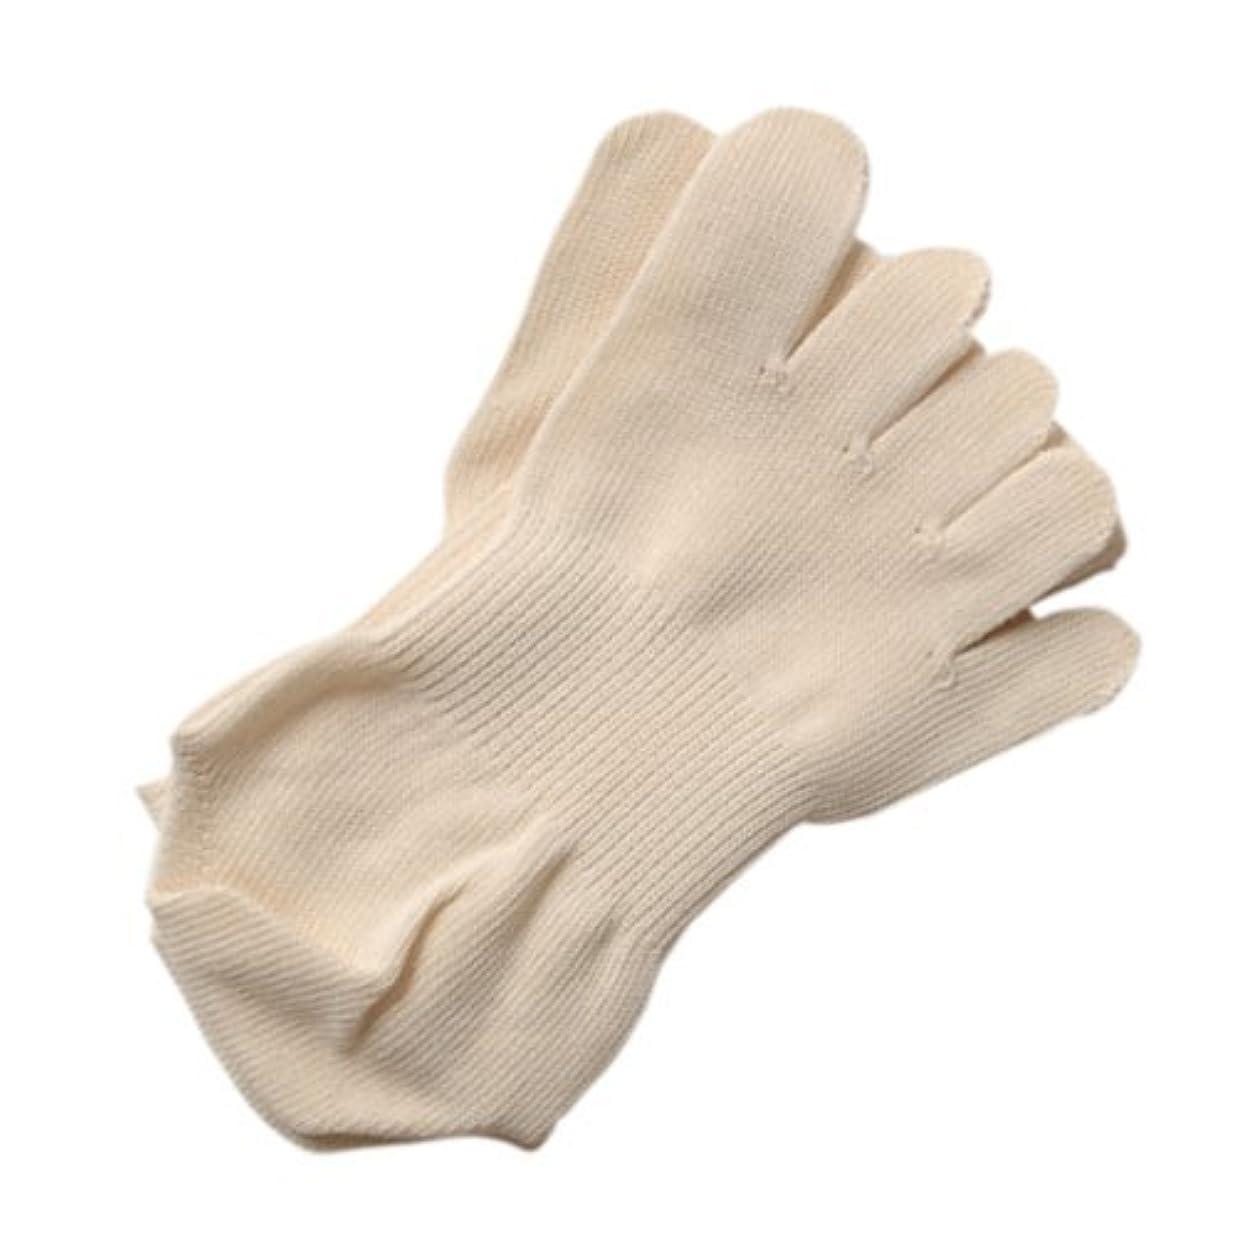 見捨てる留め金古い五本指薄手ソックスMアイボリー:オーガニックコットン100% 履くだけで足のつぼをマッサージし、健康に良いソックスです!